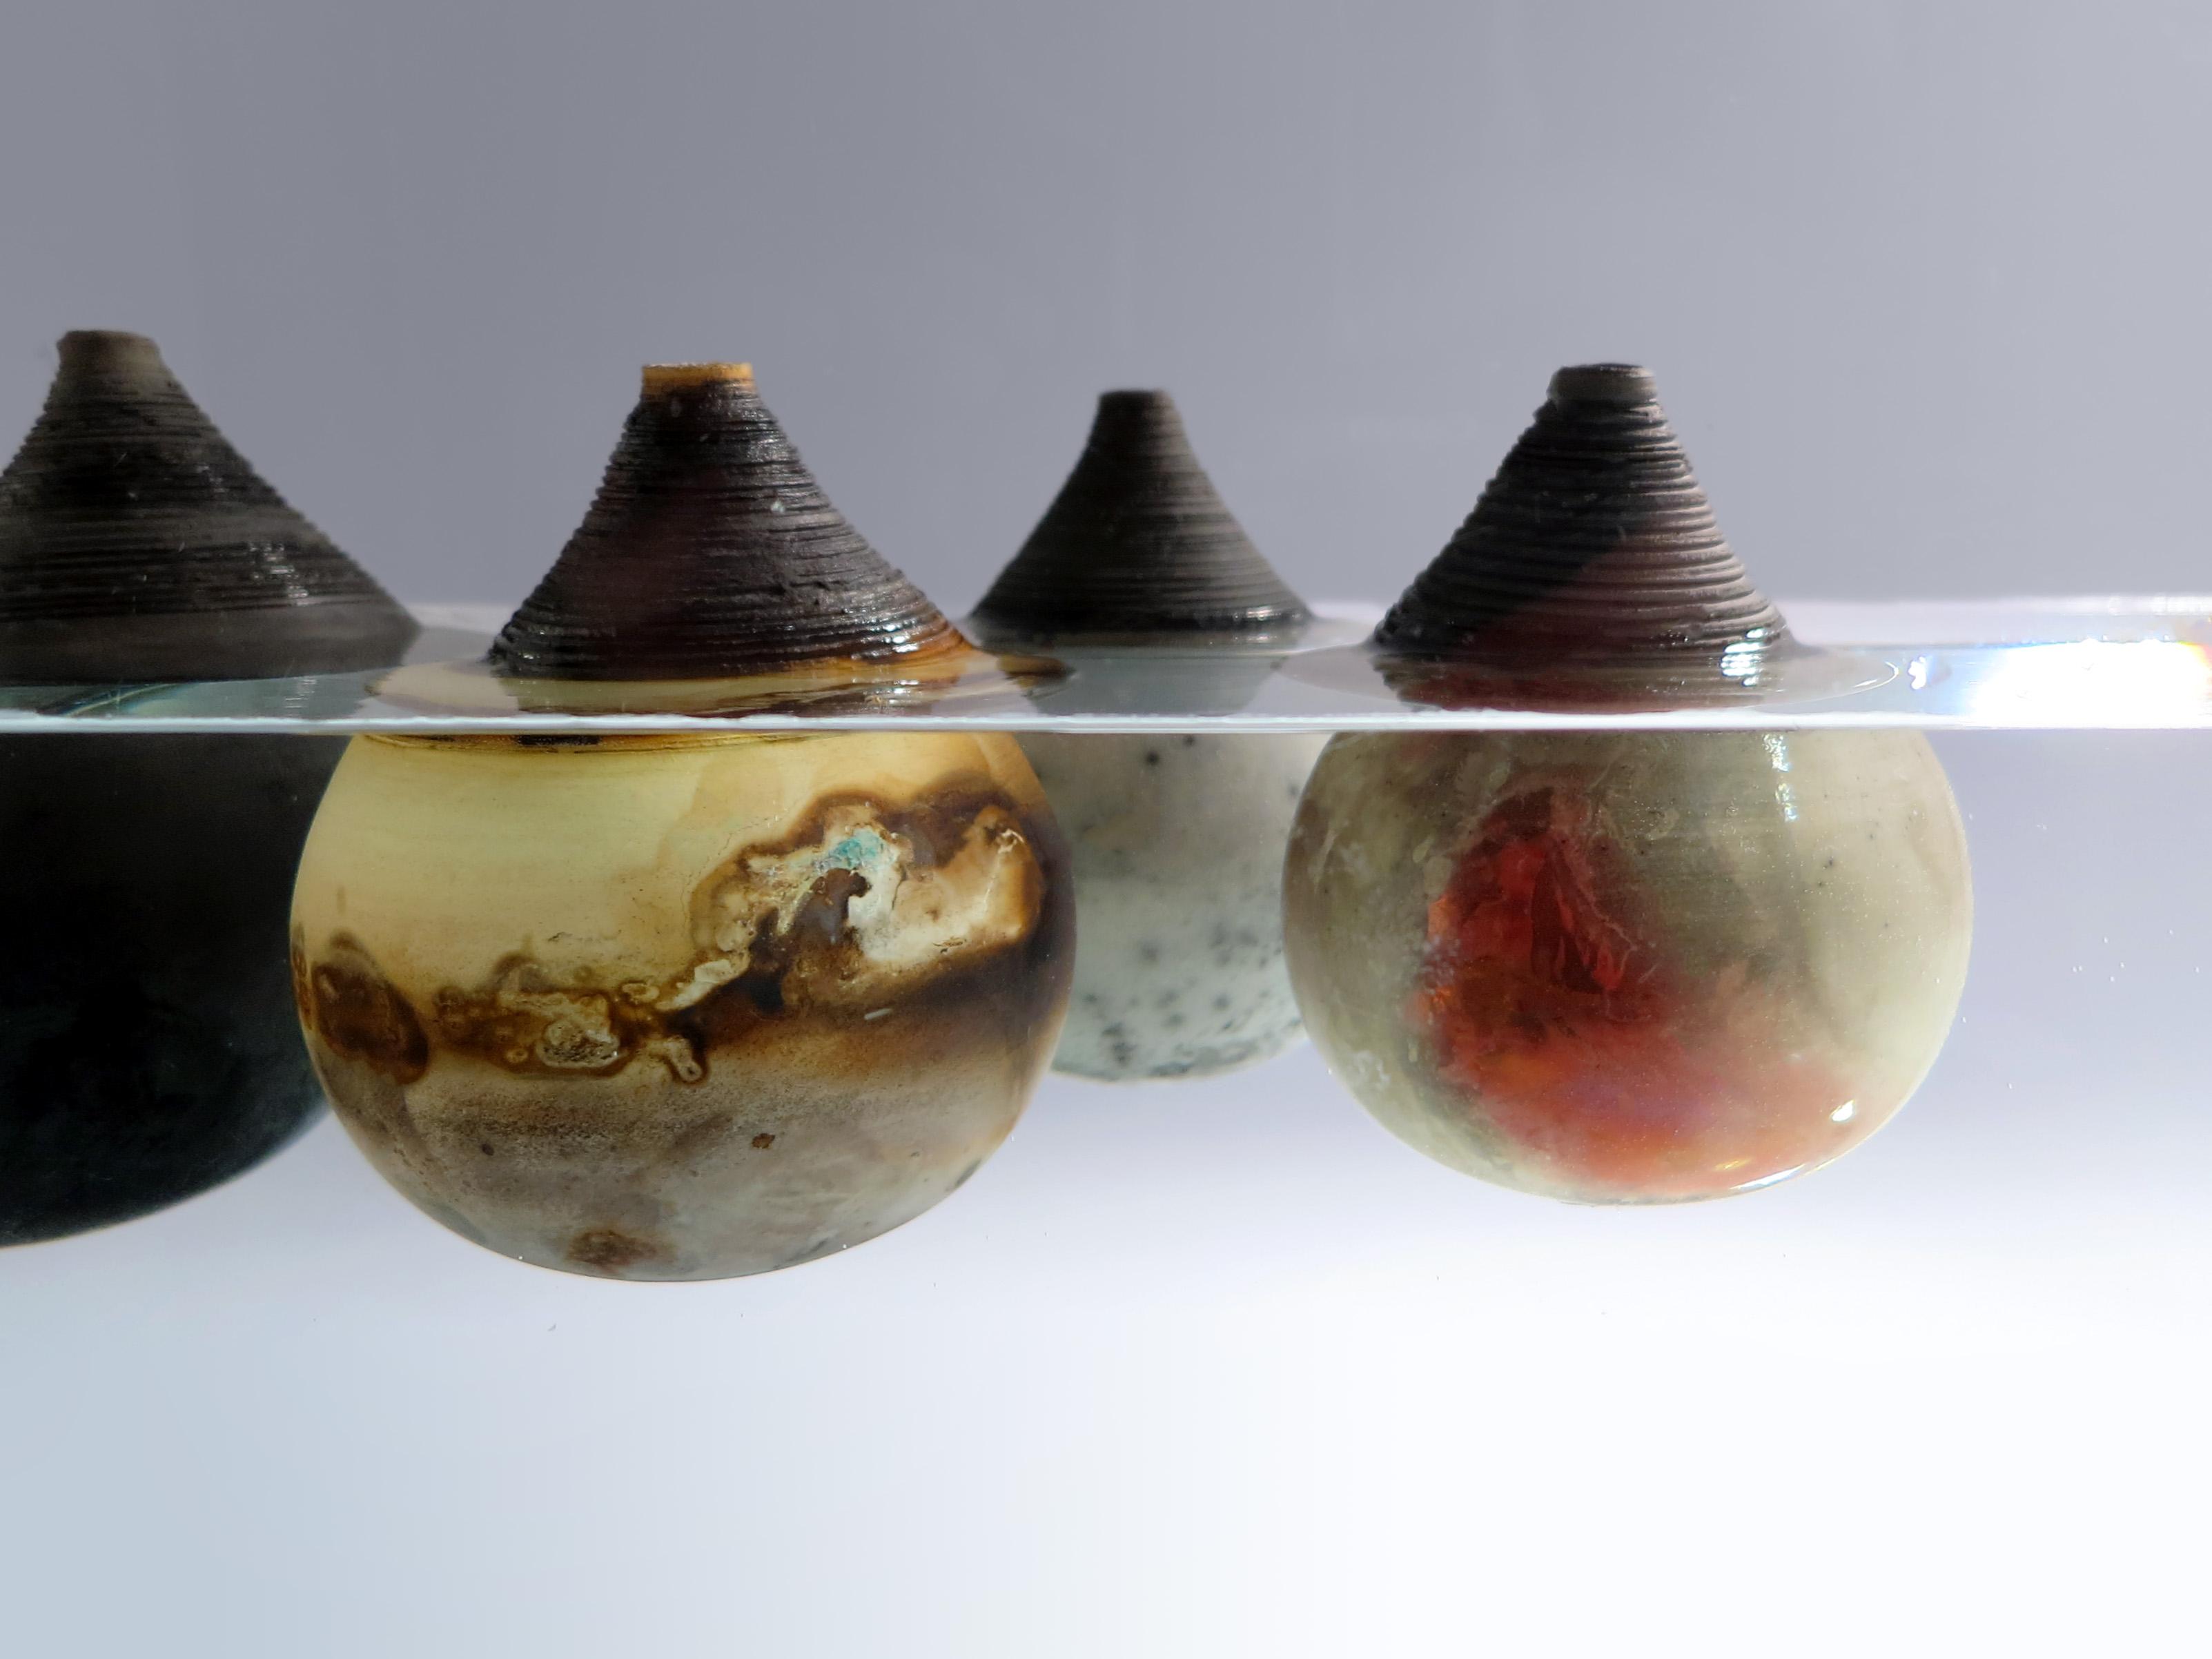 Under the Surface: Whispering Globes - Ildikó Károlyi